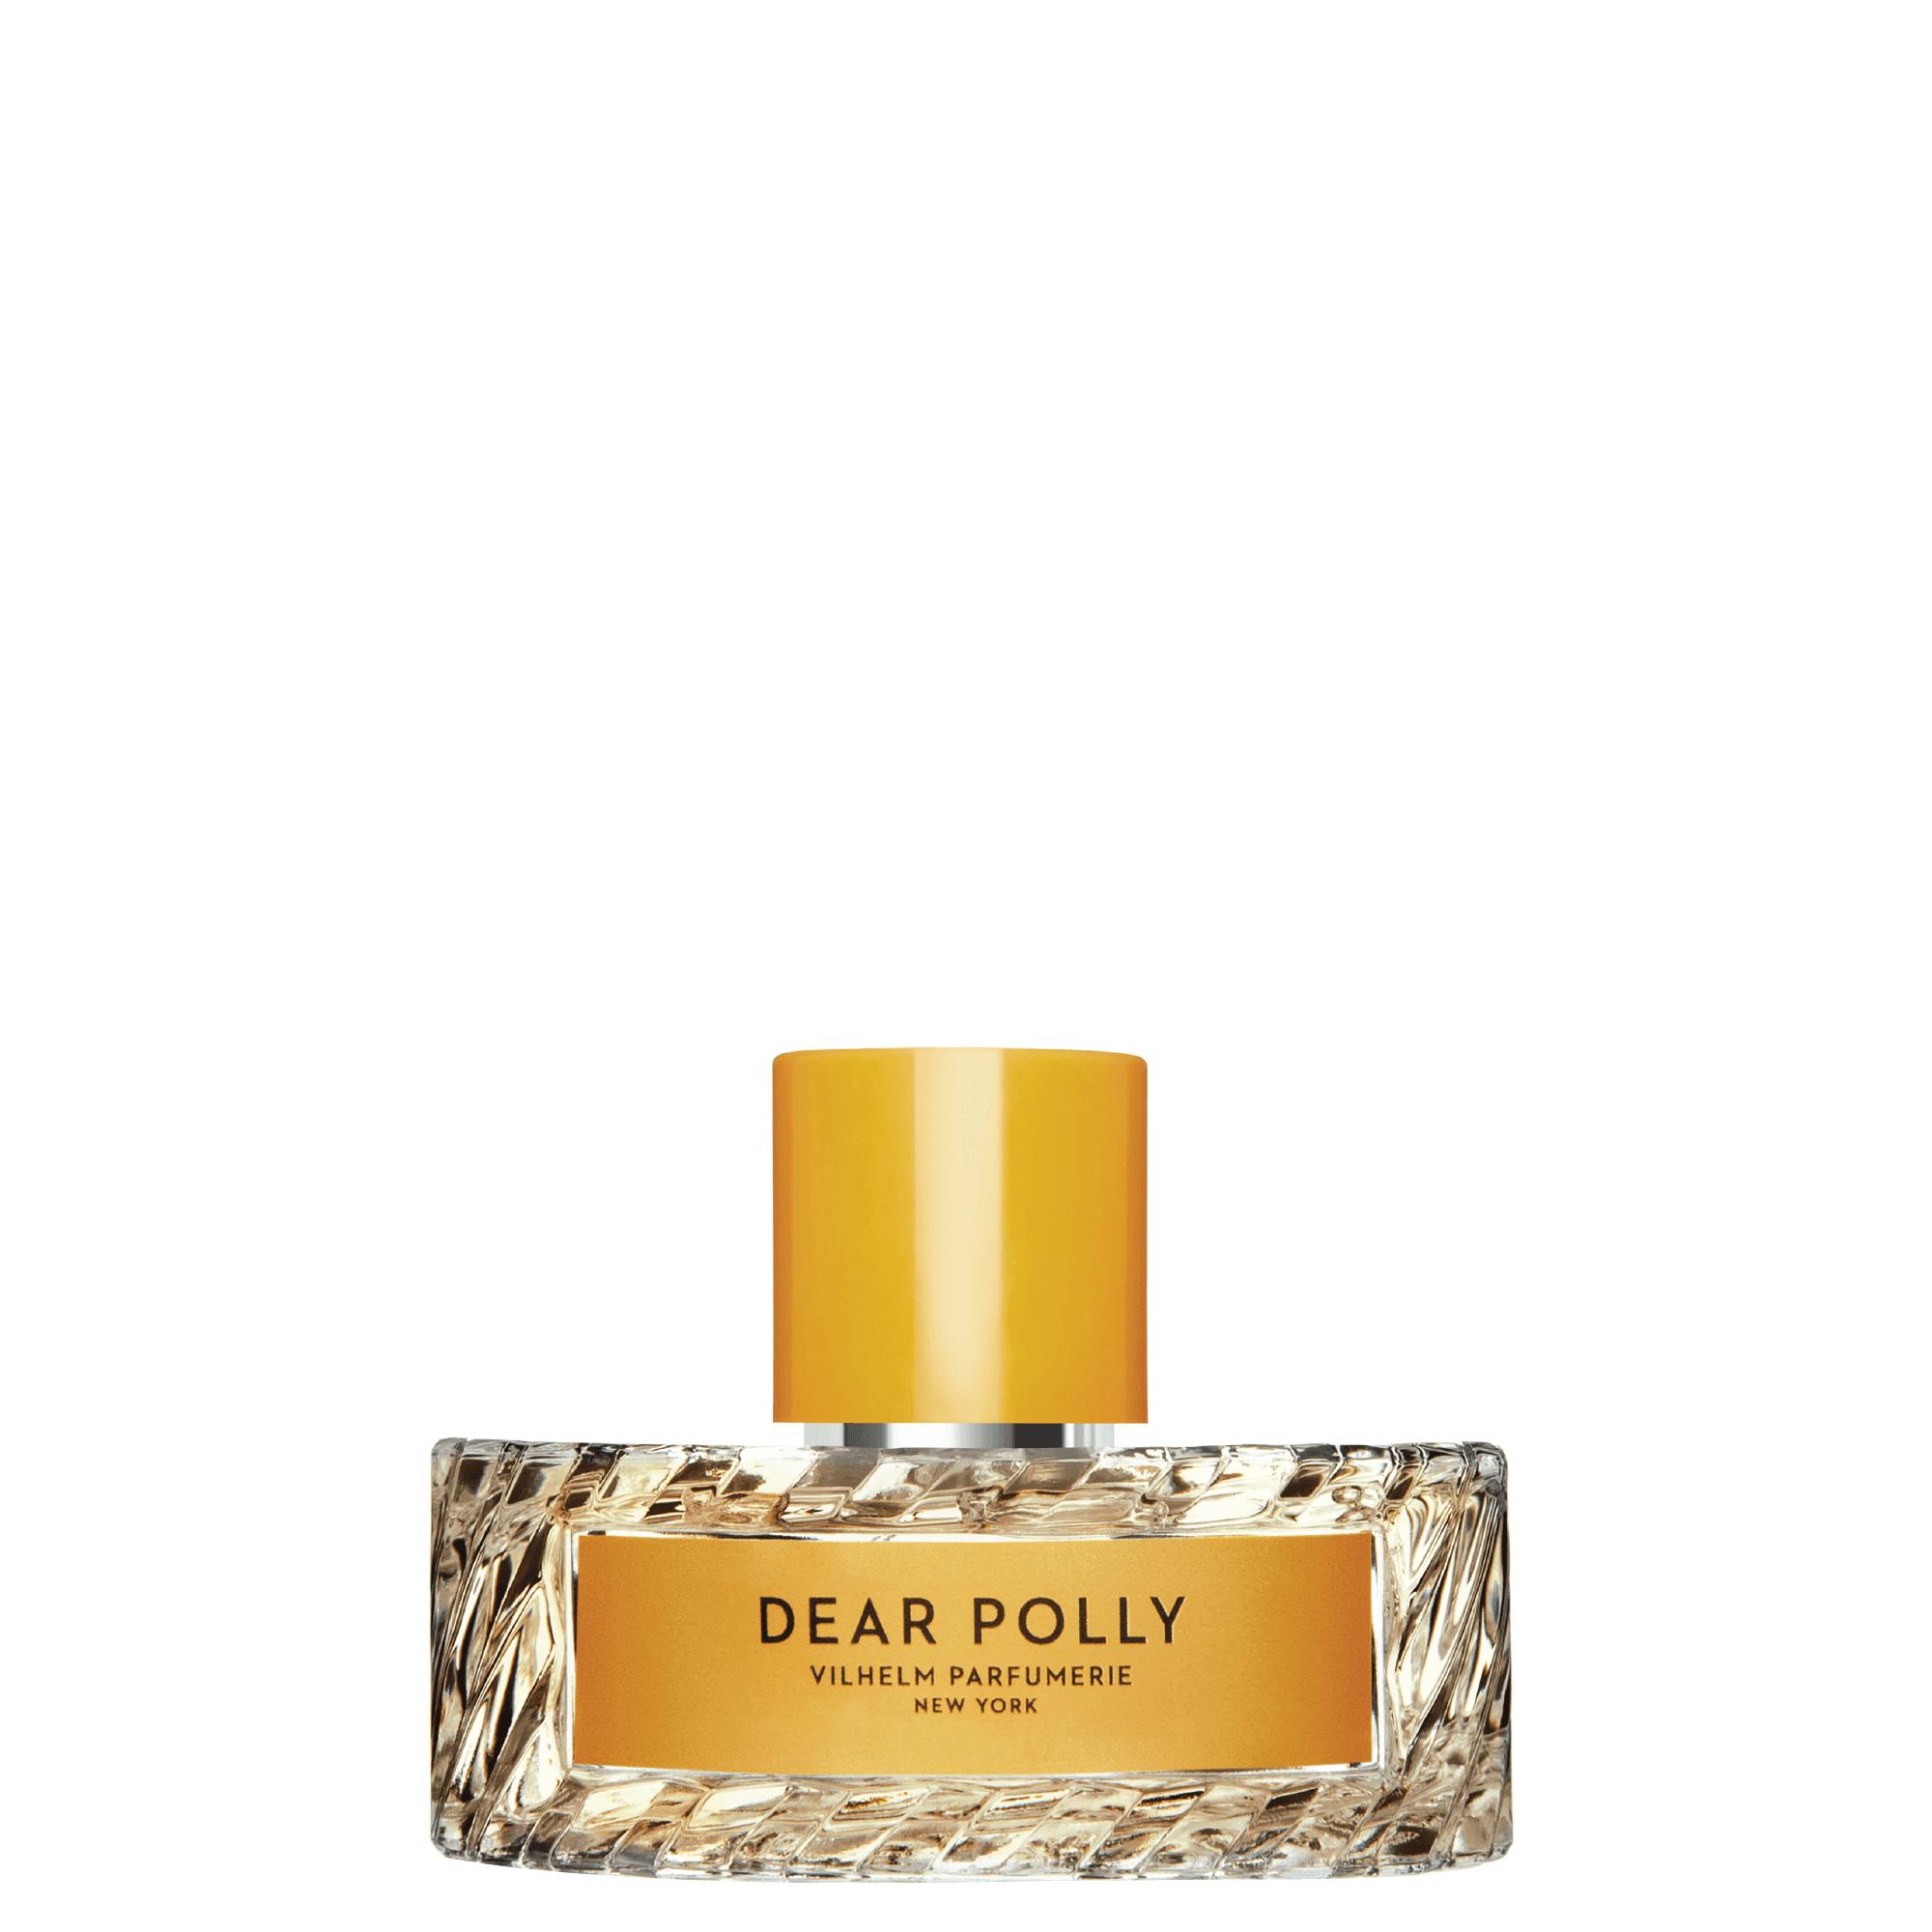 vilhelm dear polly perfume